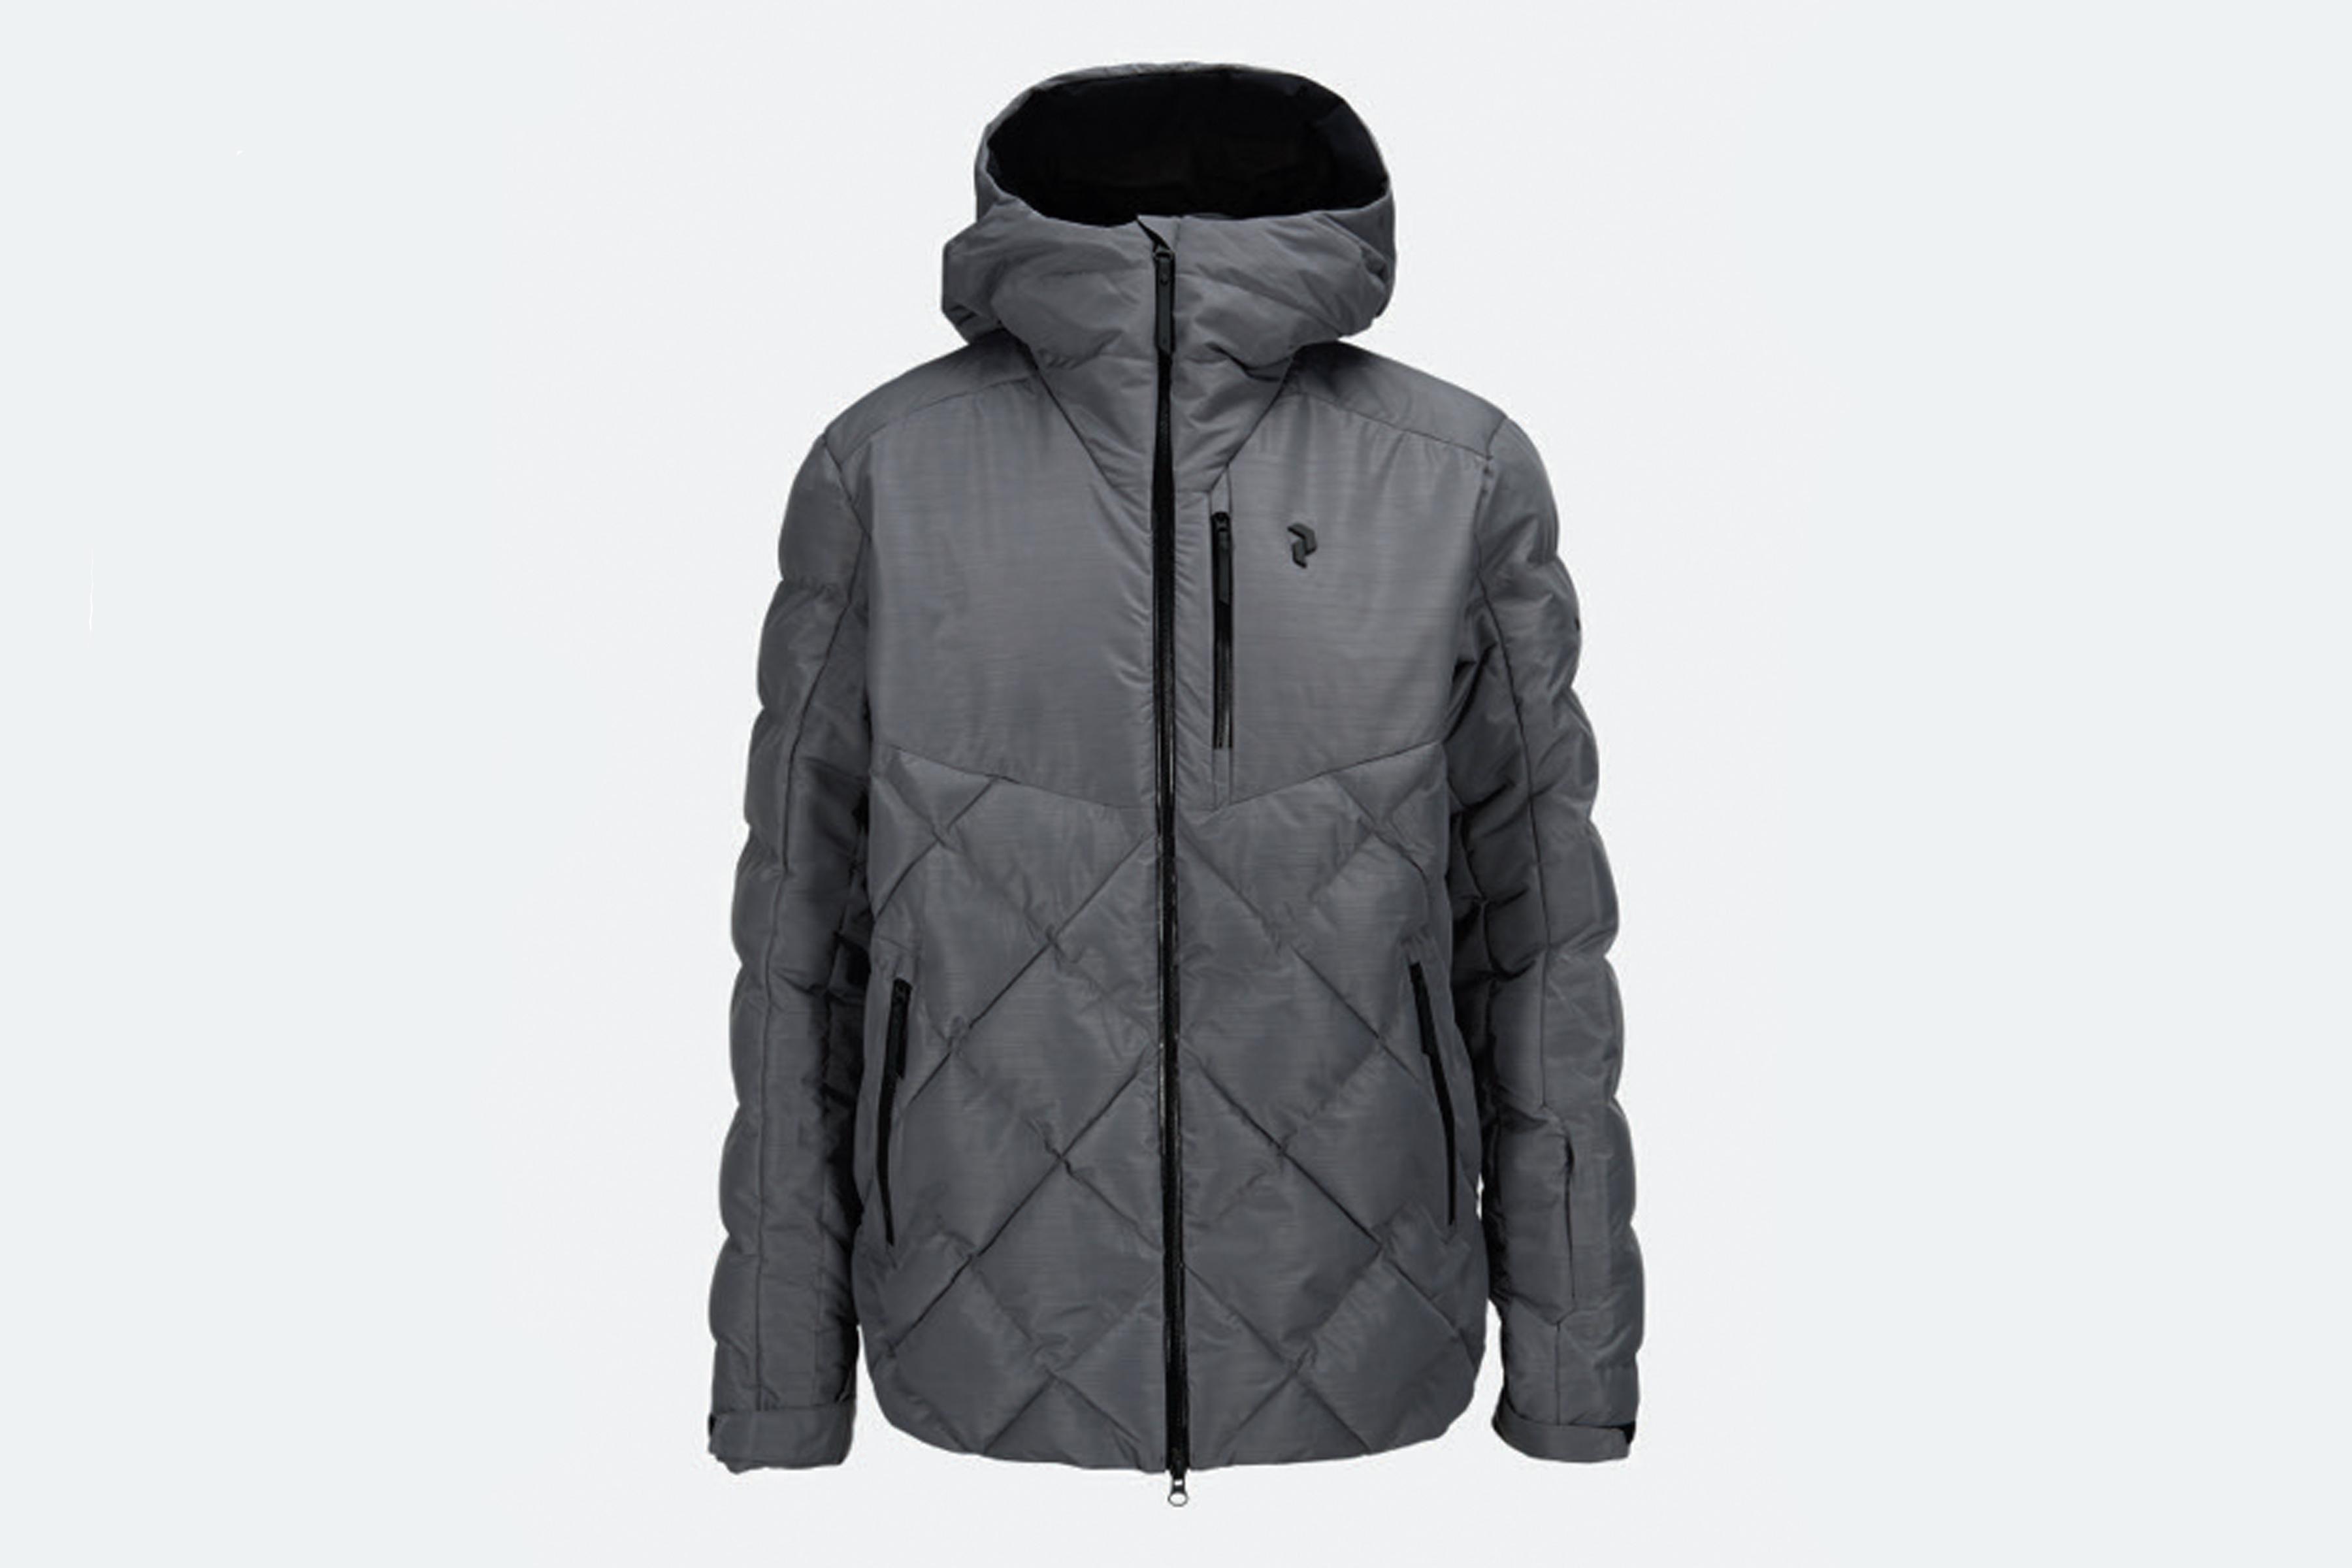 Peak Performance's Alaska Melange ski jacket